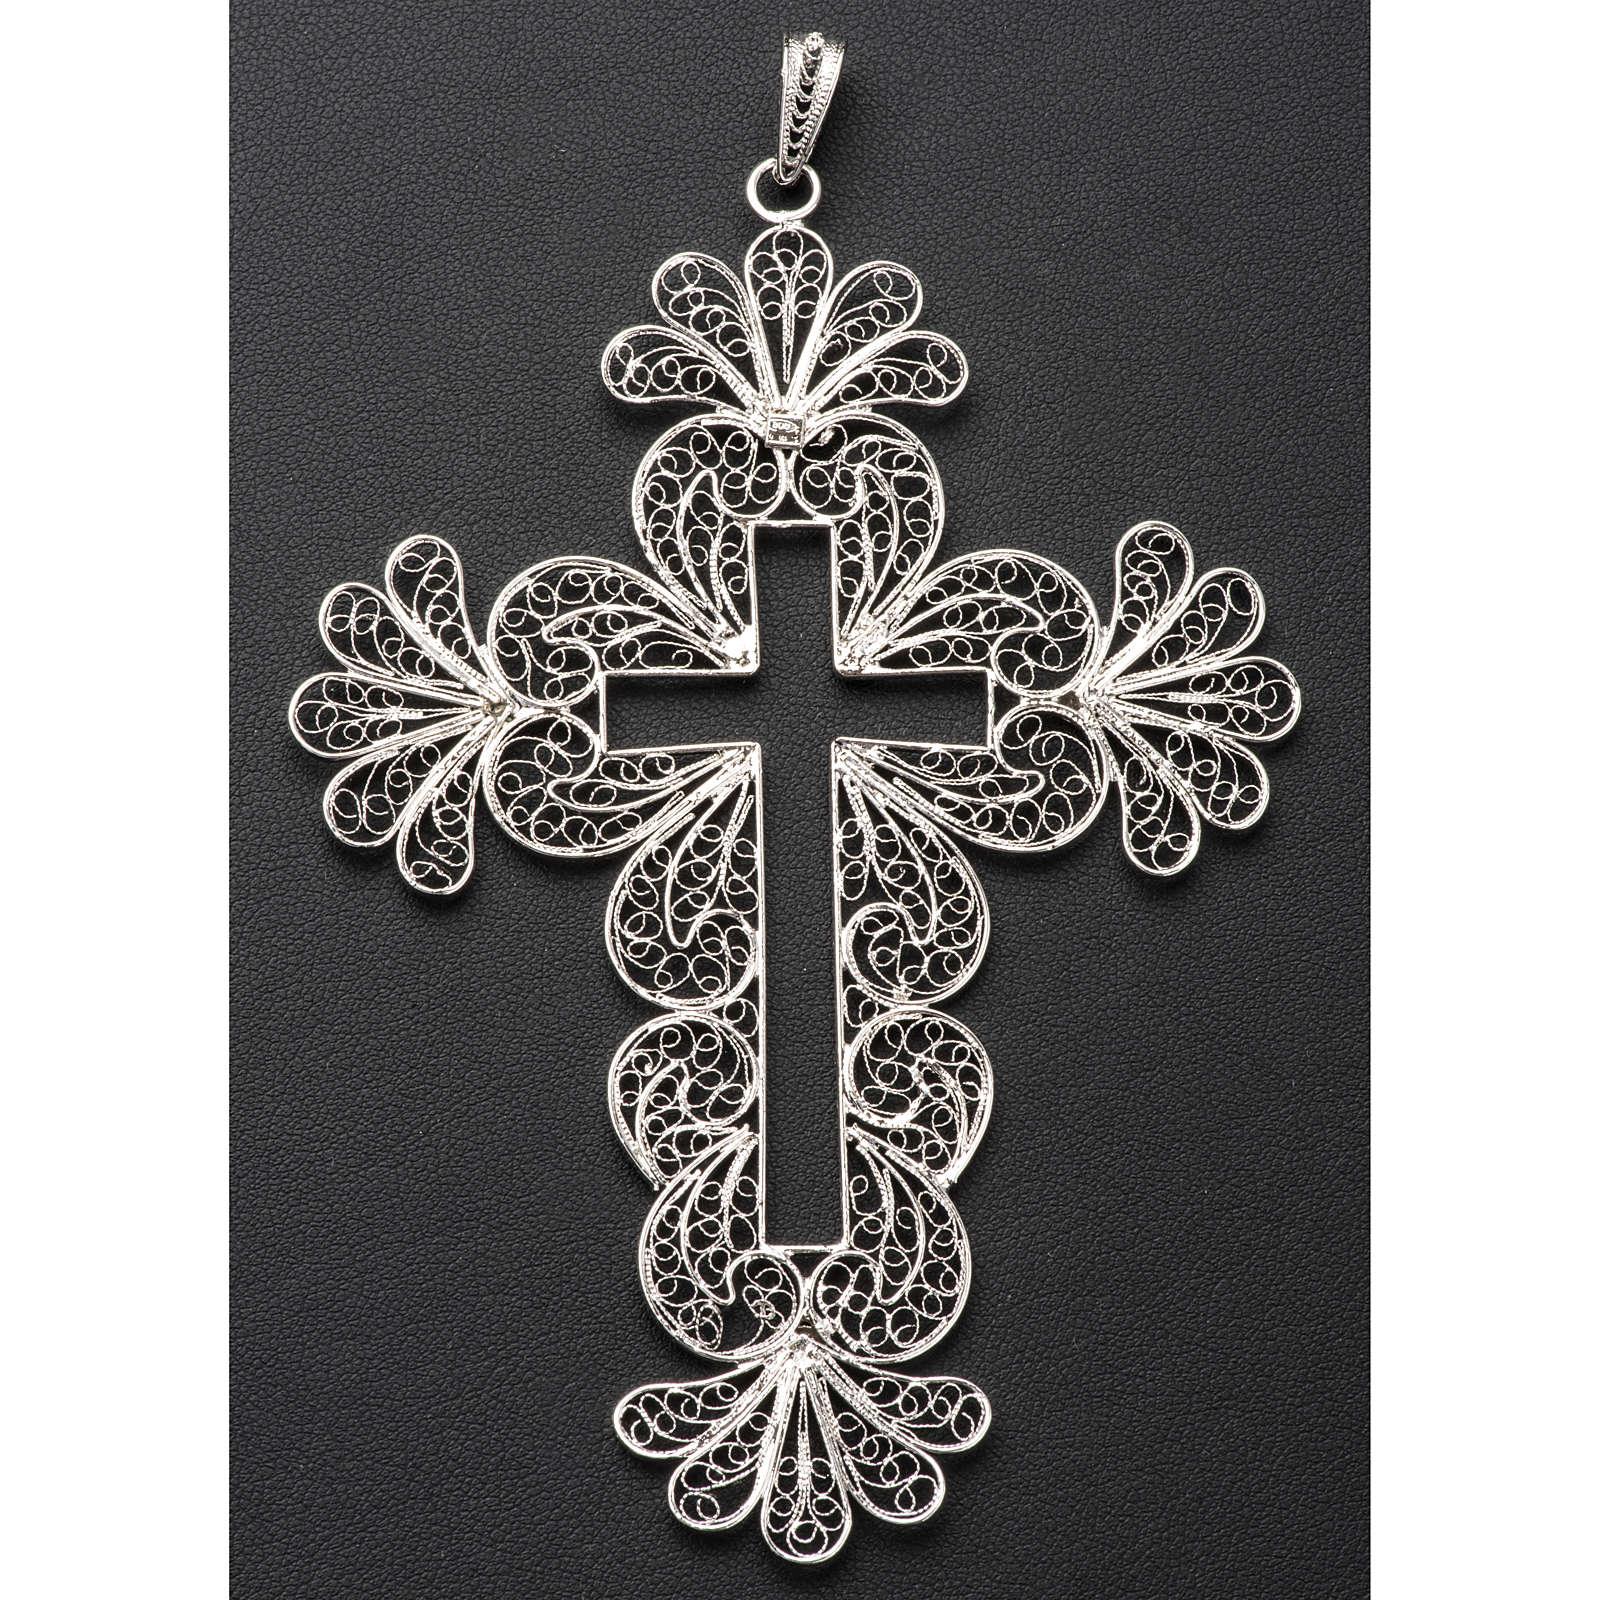 Croce vescovile decori argento 800 filigrana 3